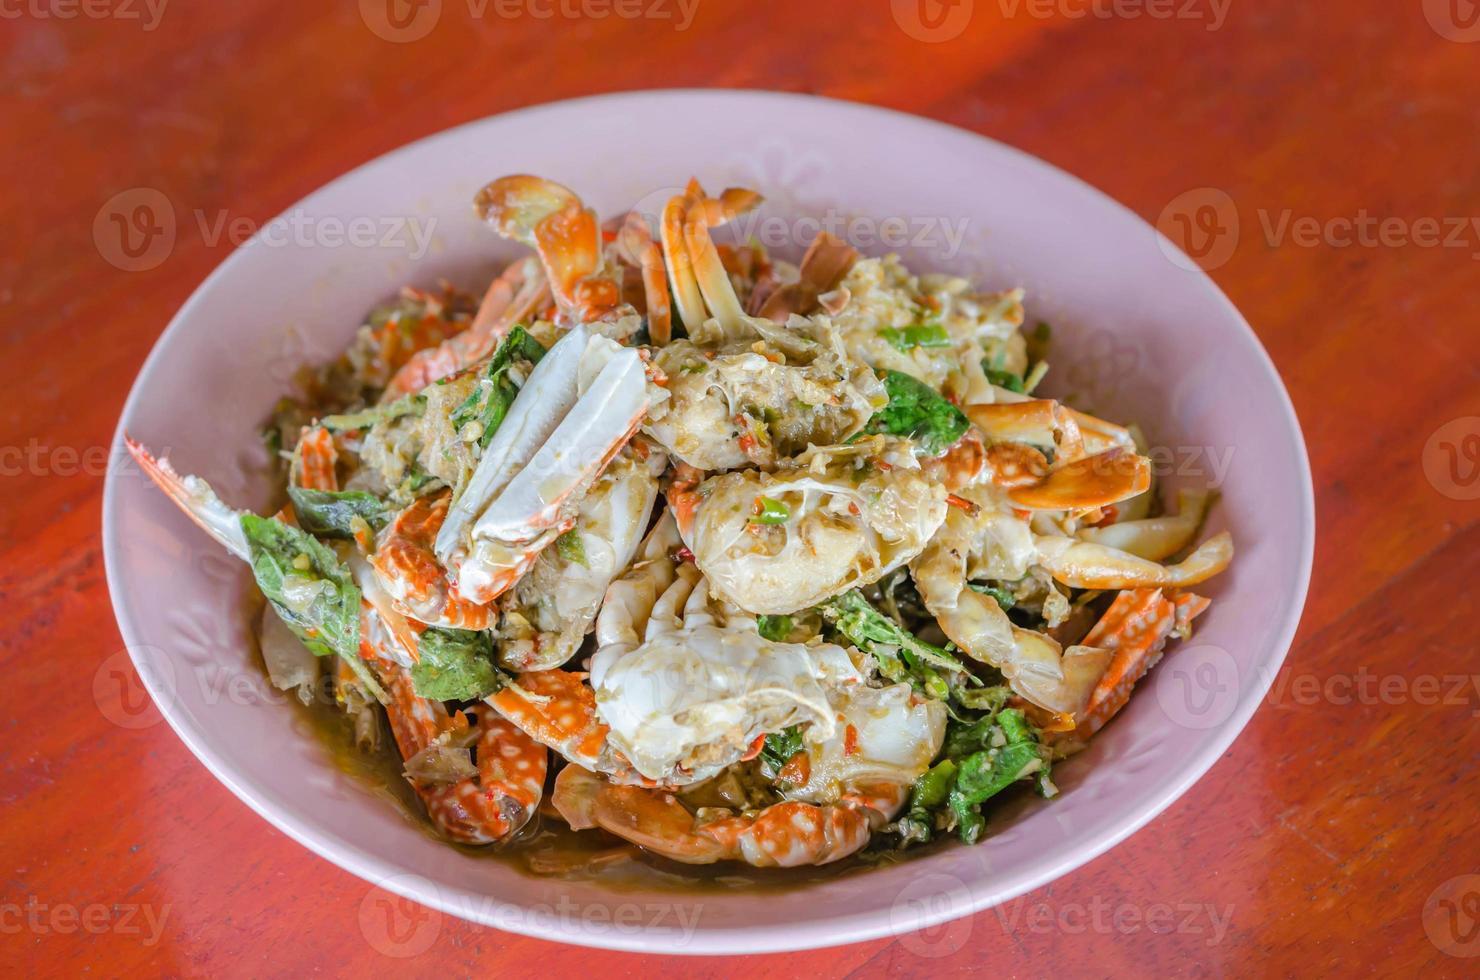 mexa o caranguejo frito foto